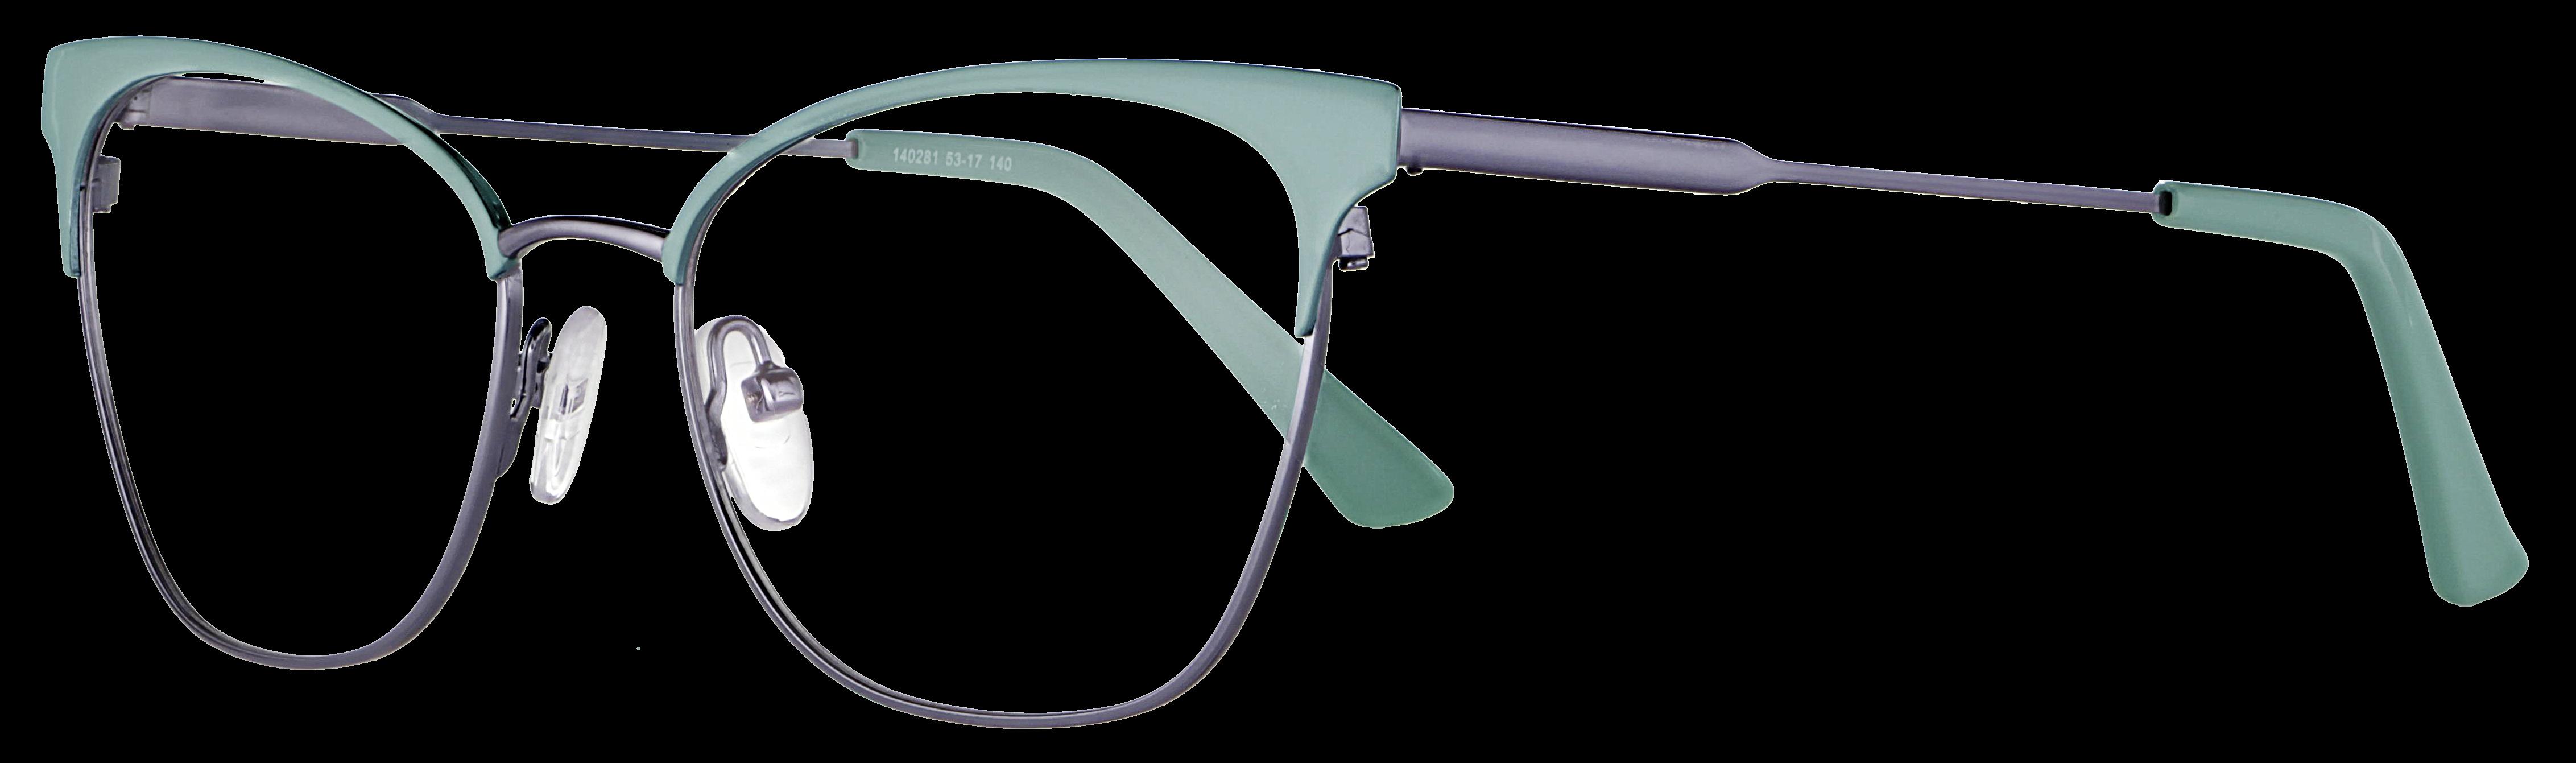 abele optik Brille 140281